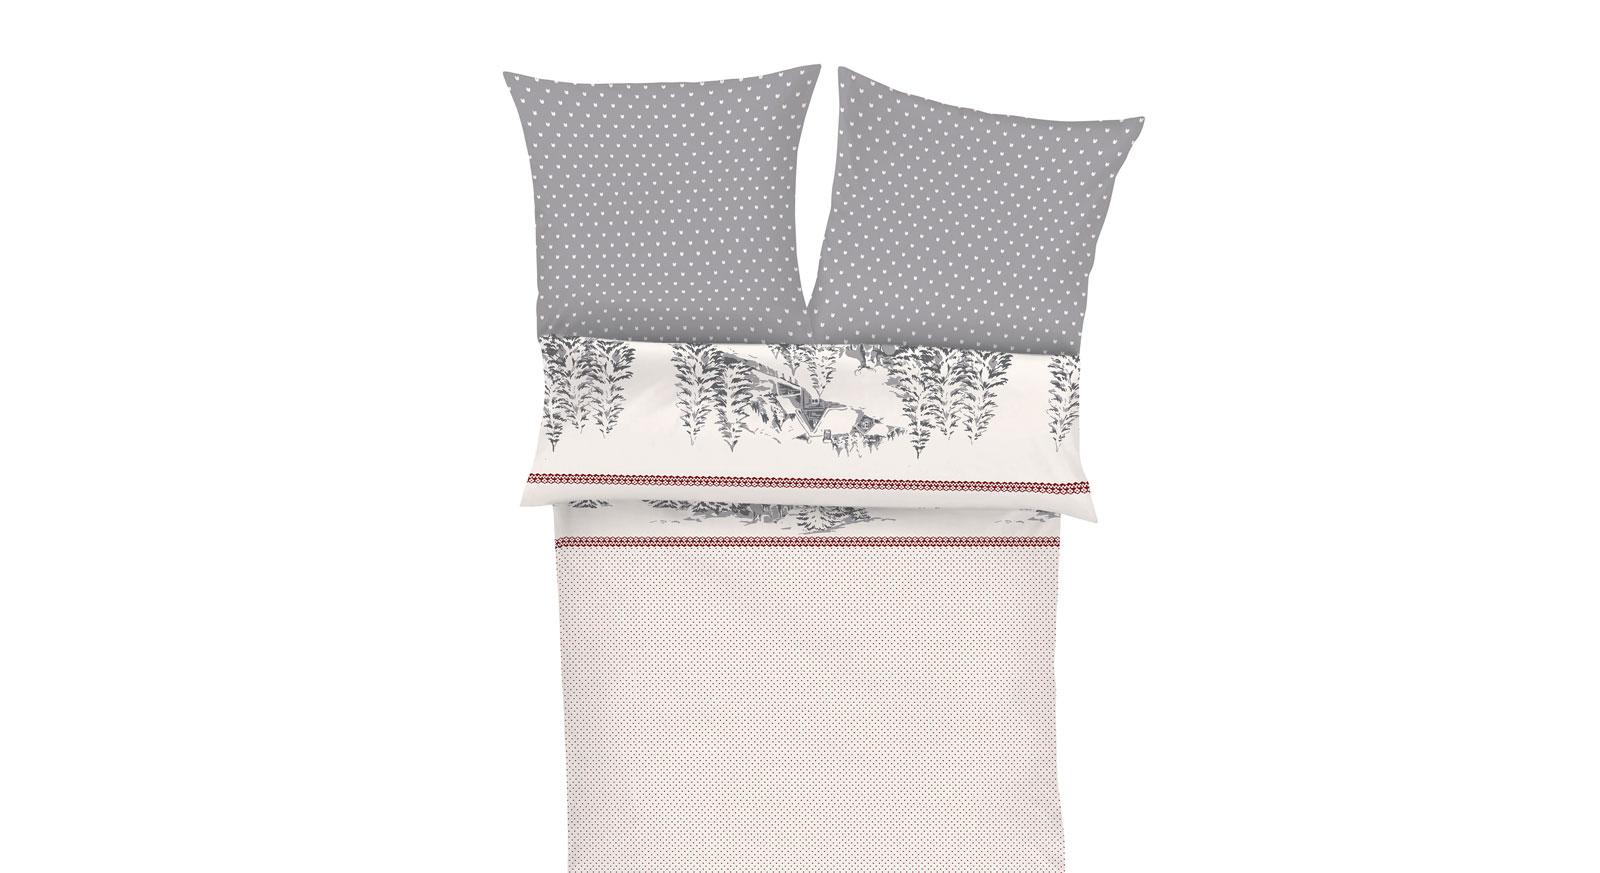 Feinflanell-Bettwäsche Winterlove inklusive einem praktischen Reißverschluss